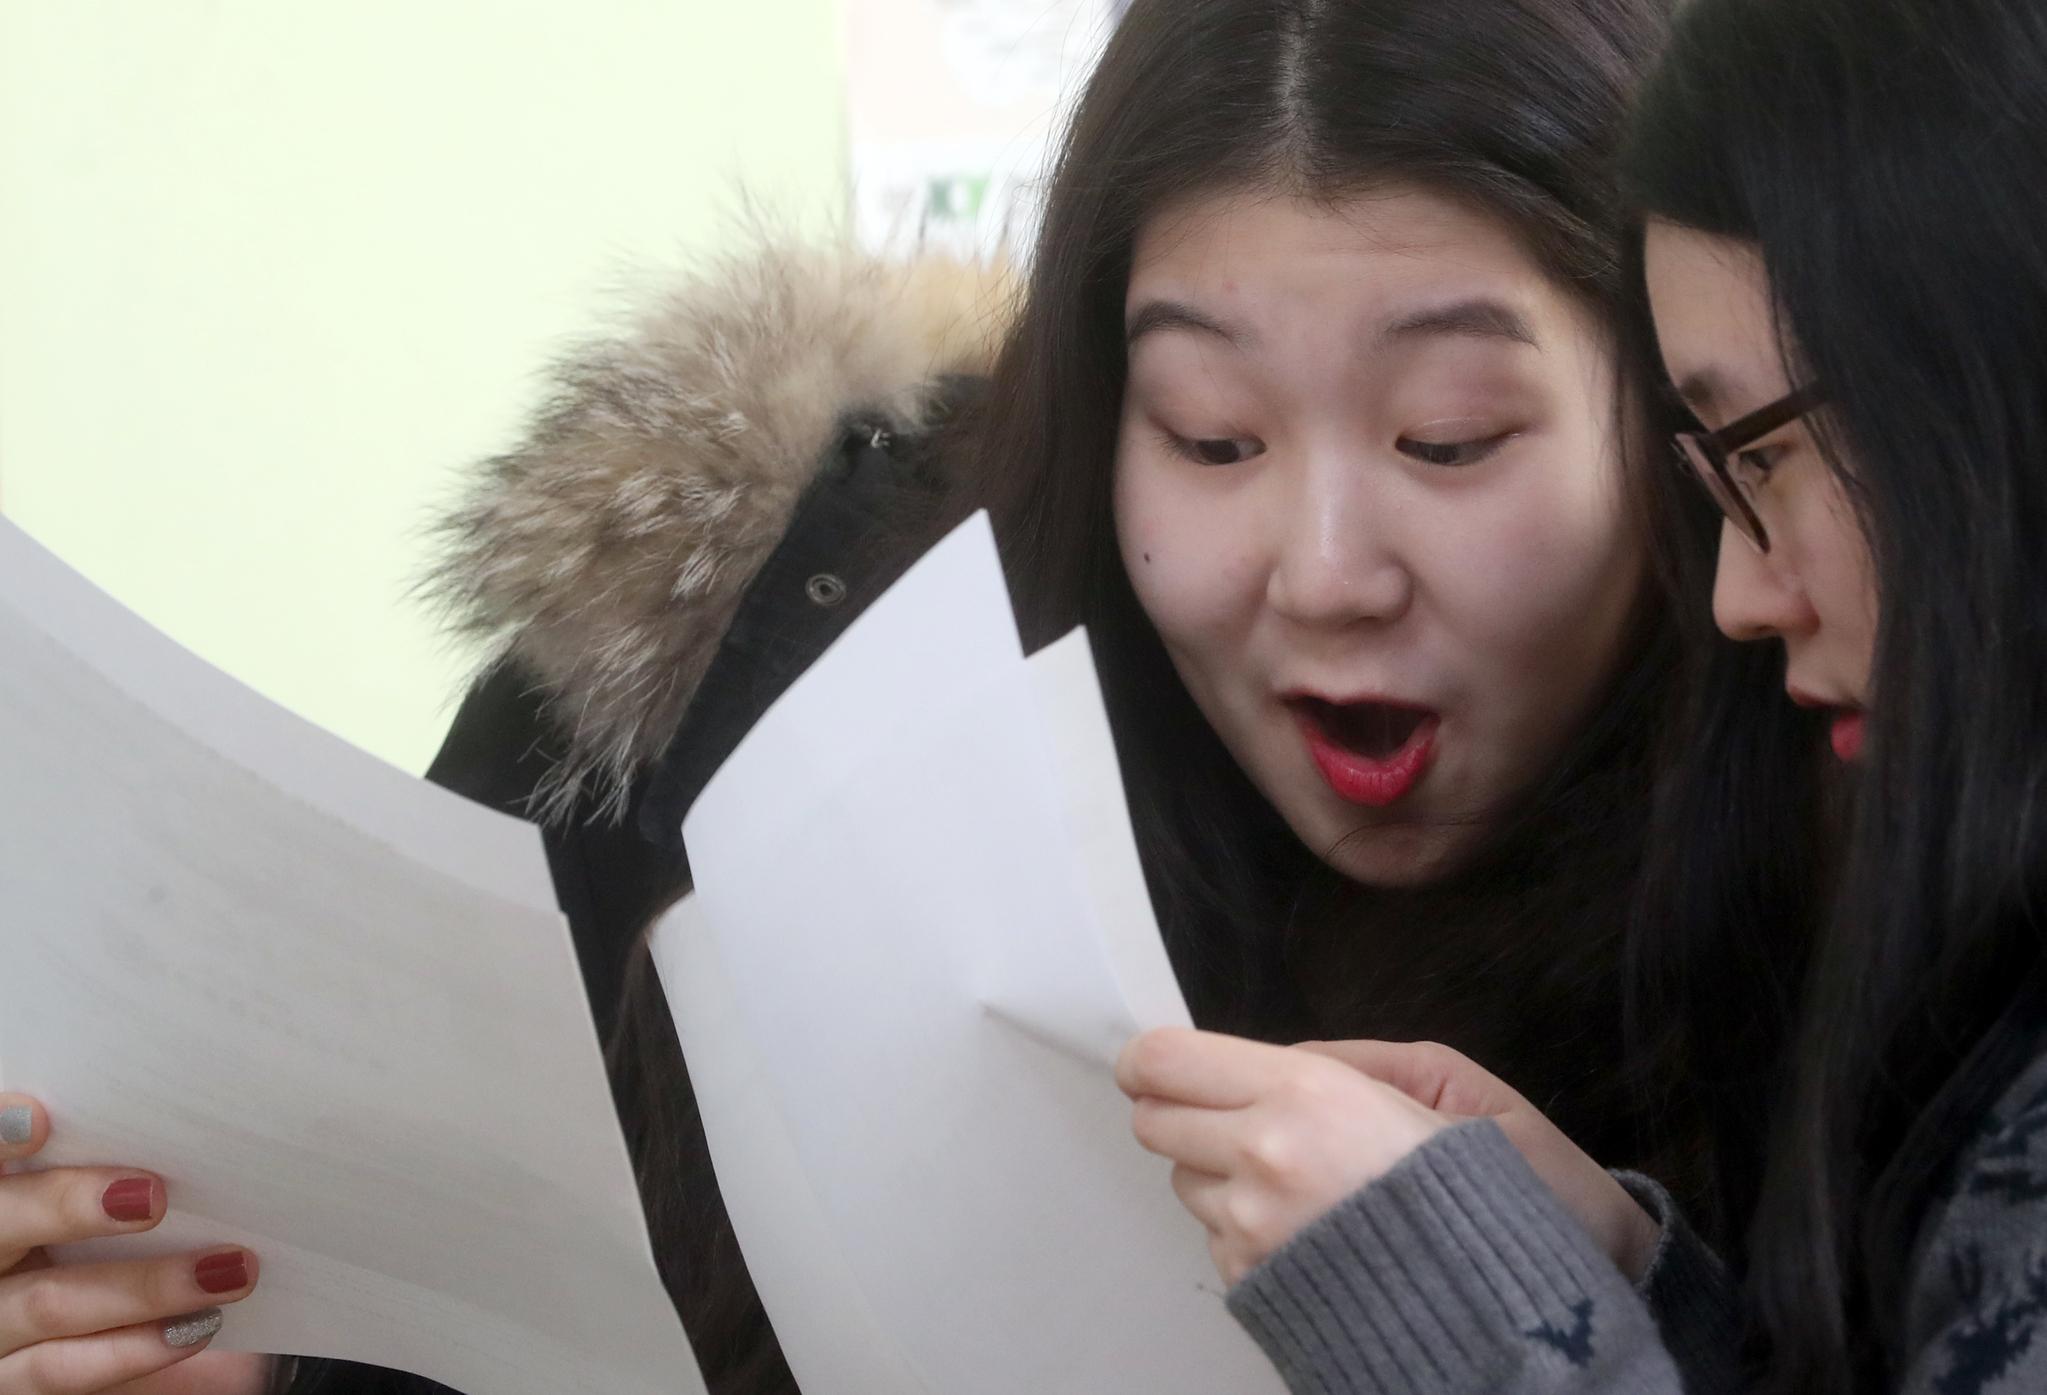 서울 서초고등학교 3학년 학생들이 5일 2019학년도 대학수학능력시헙 성적표를 받고 자신의 성적을 확인하고 있다. 최정동 기자